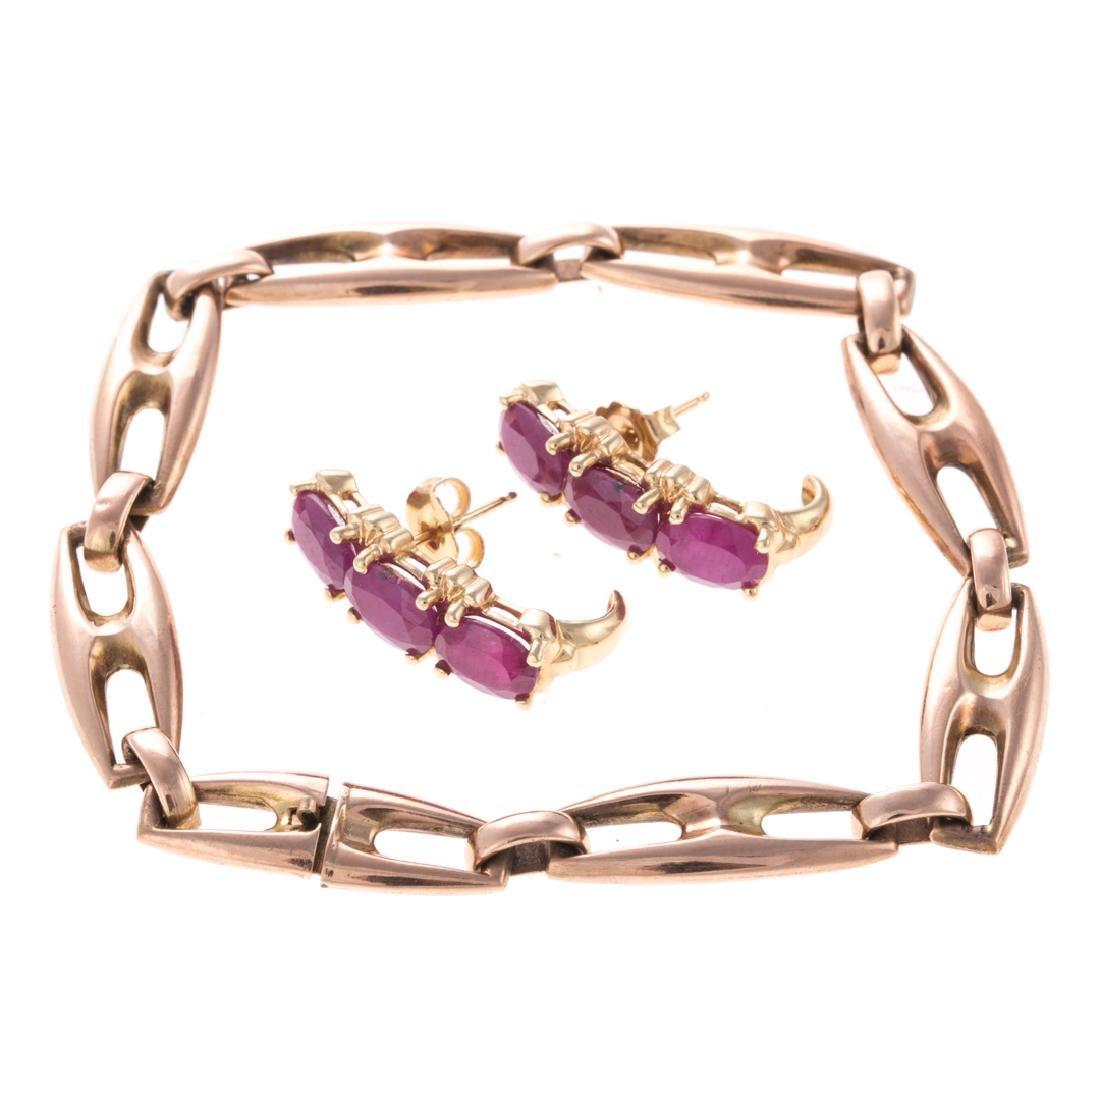 A Pair of Ruby Earrings in 14K & Vintage Bracelet